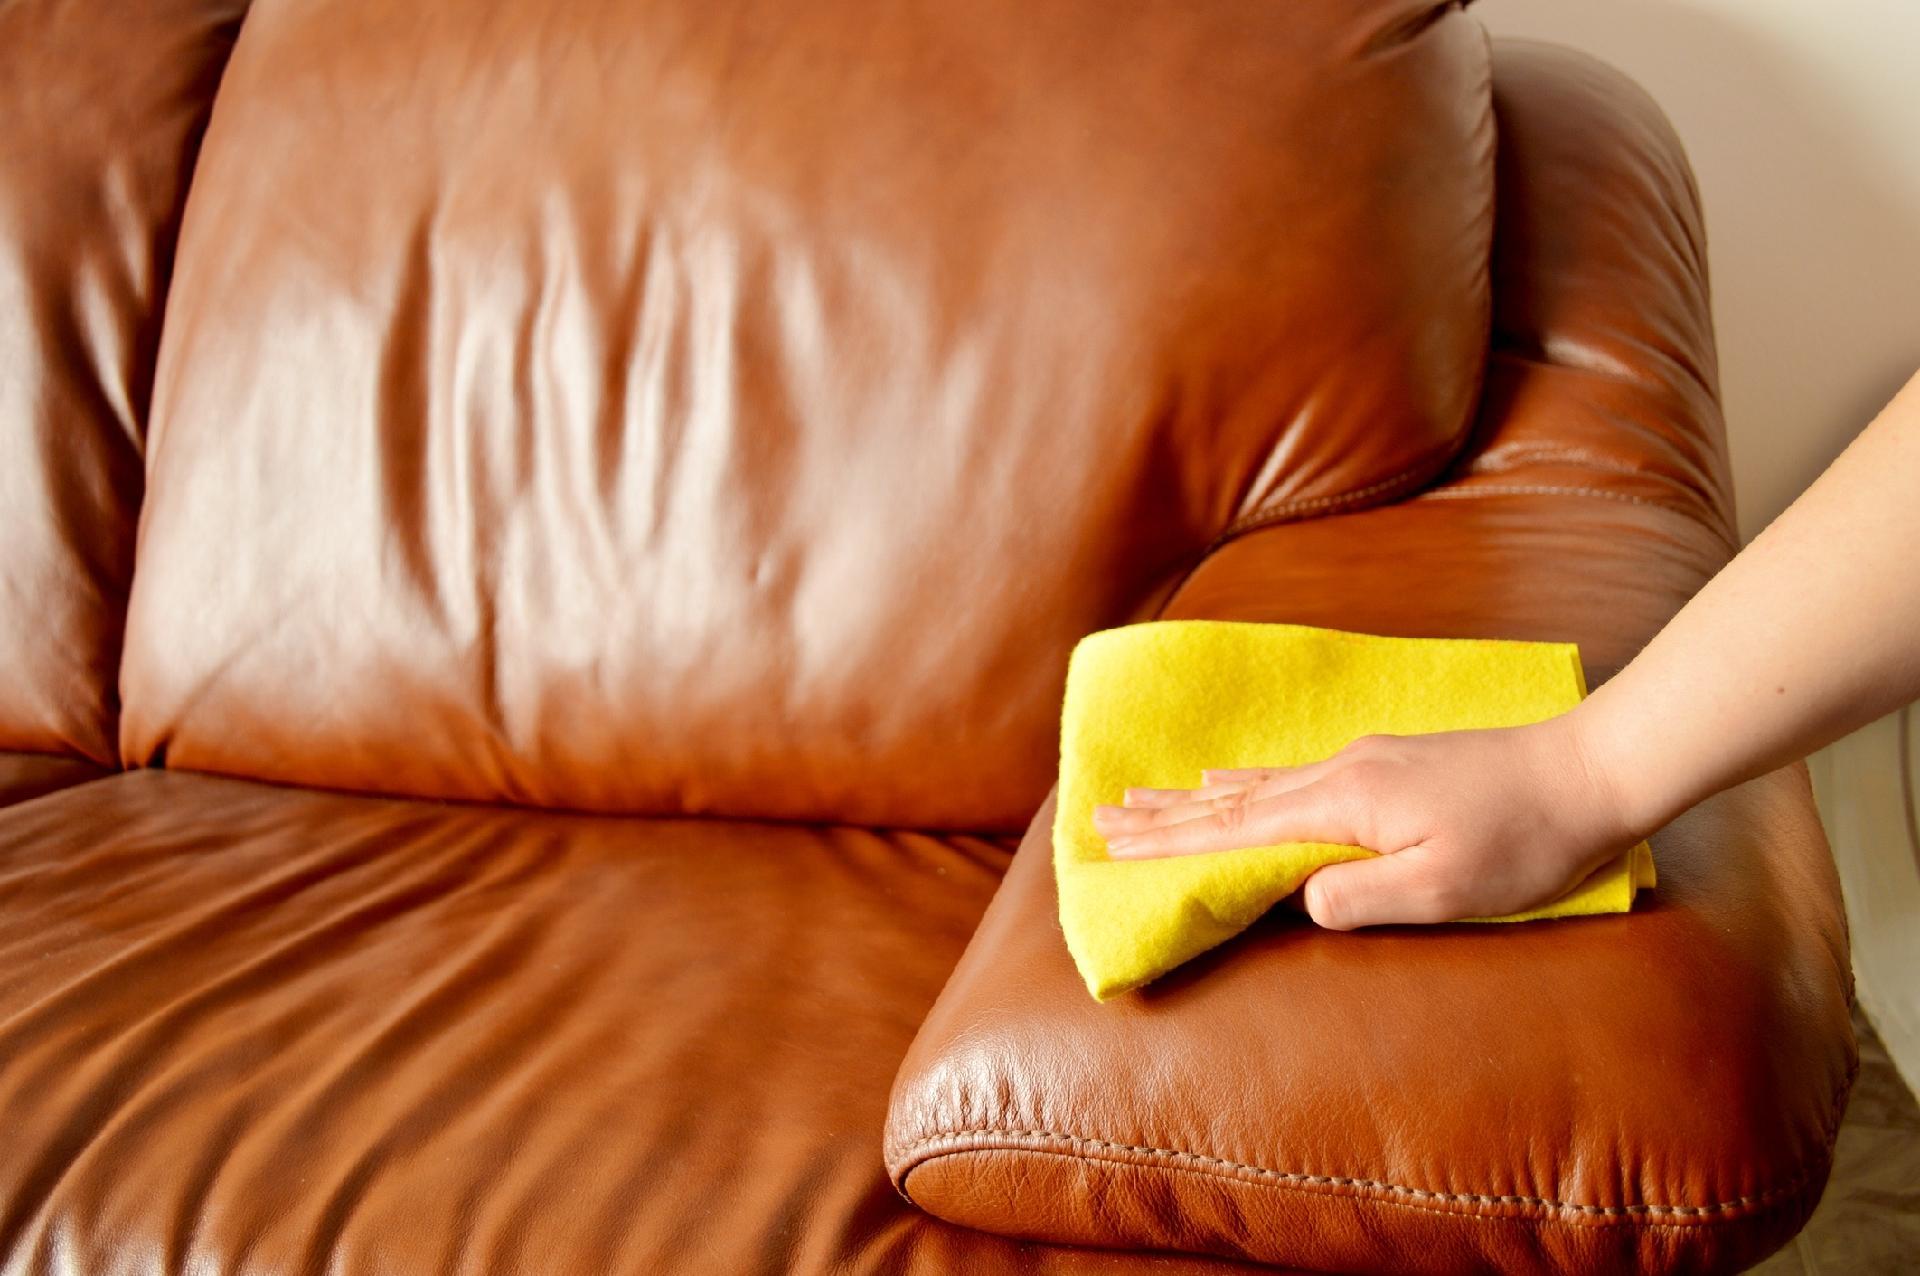 5abffd9e2 Couro natural e sintético: como limpar sapatos, bolsas, roupas e sofás -  01/03/2018 - UOL Universa